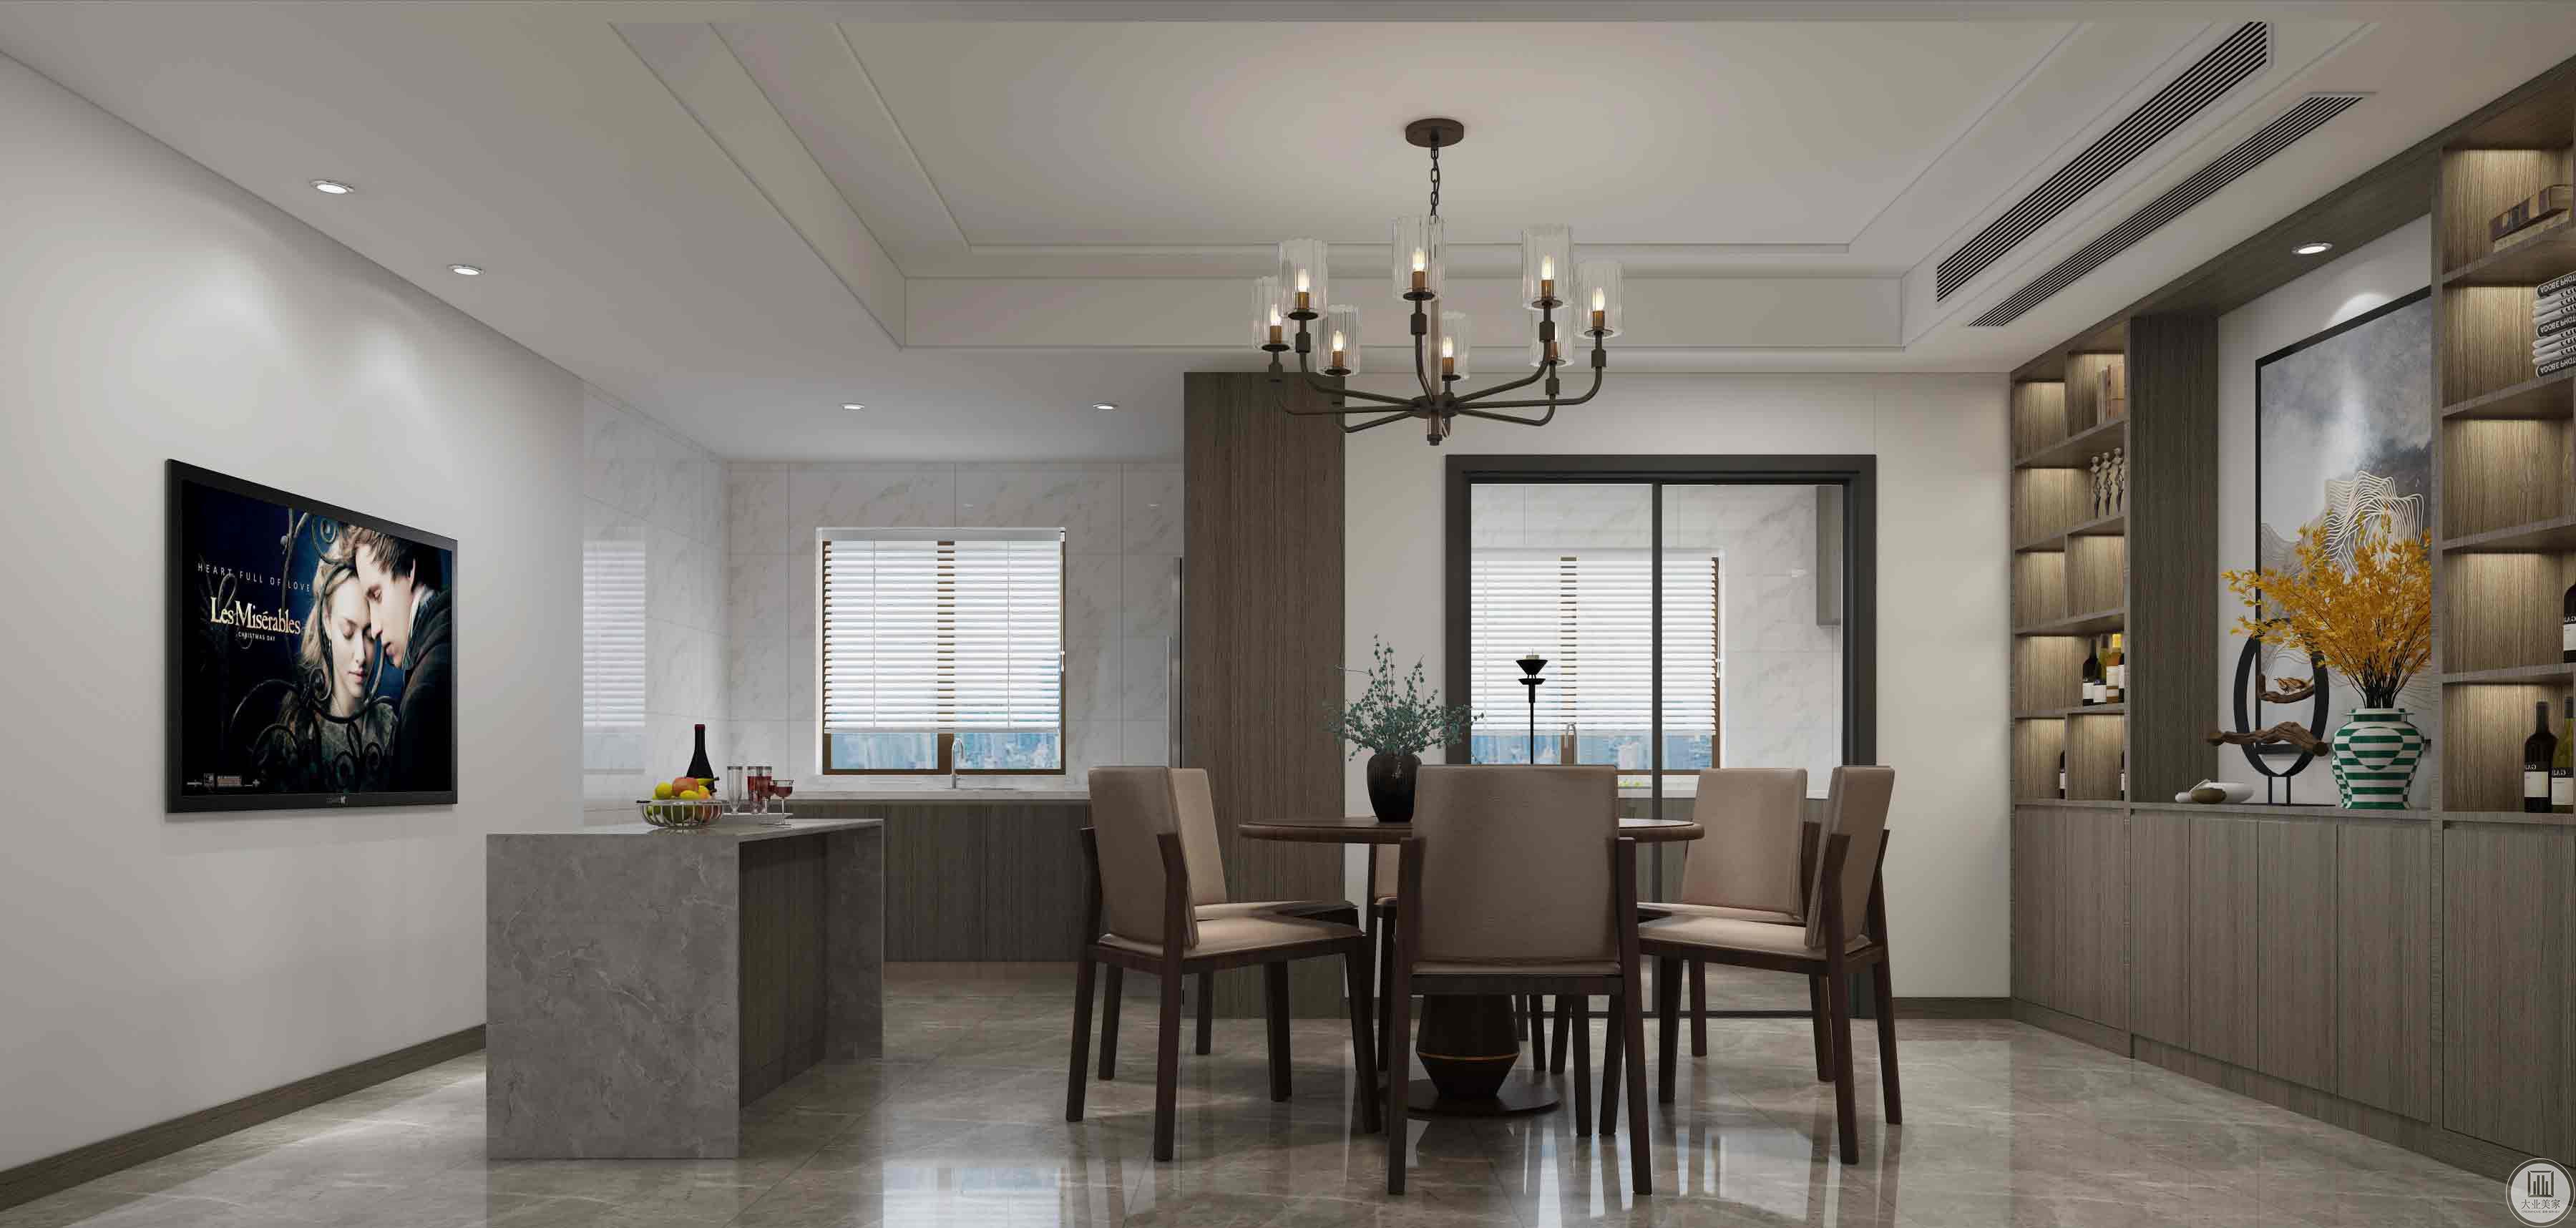 餐厅:以中西厨为主。封闭式的厨房,把冰箱高柜放在外面使厨房比较宽敞舒适。